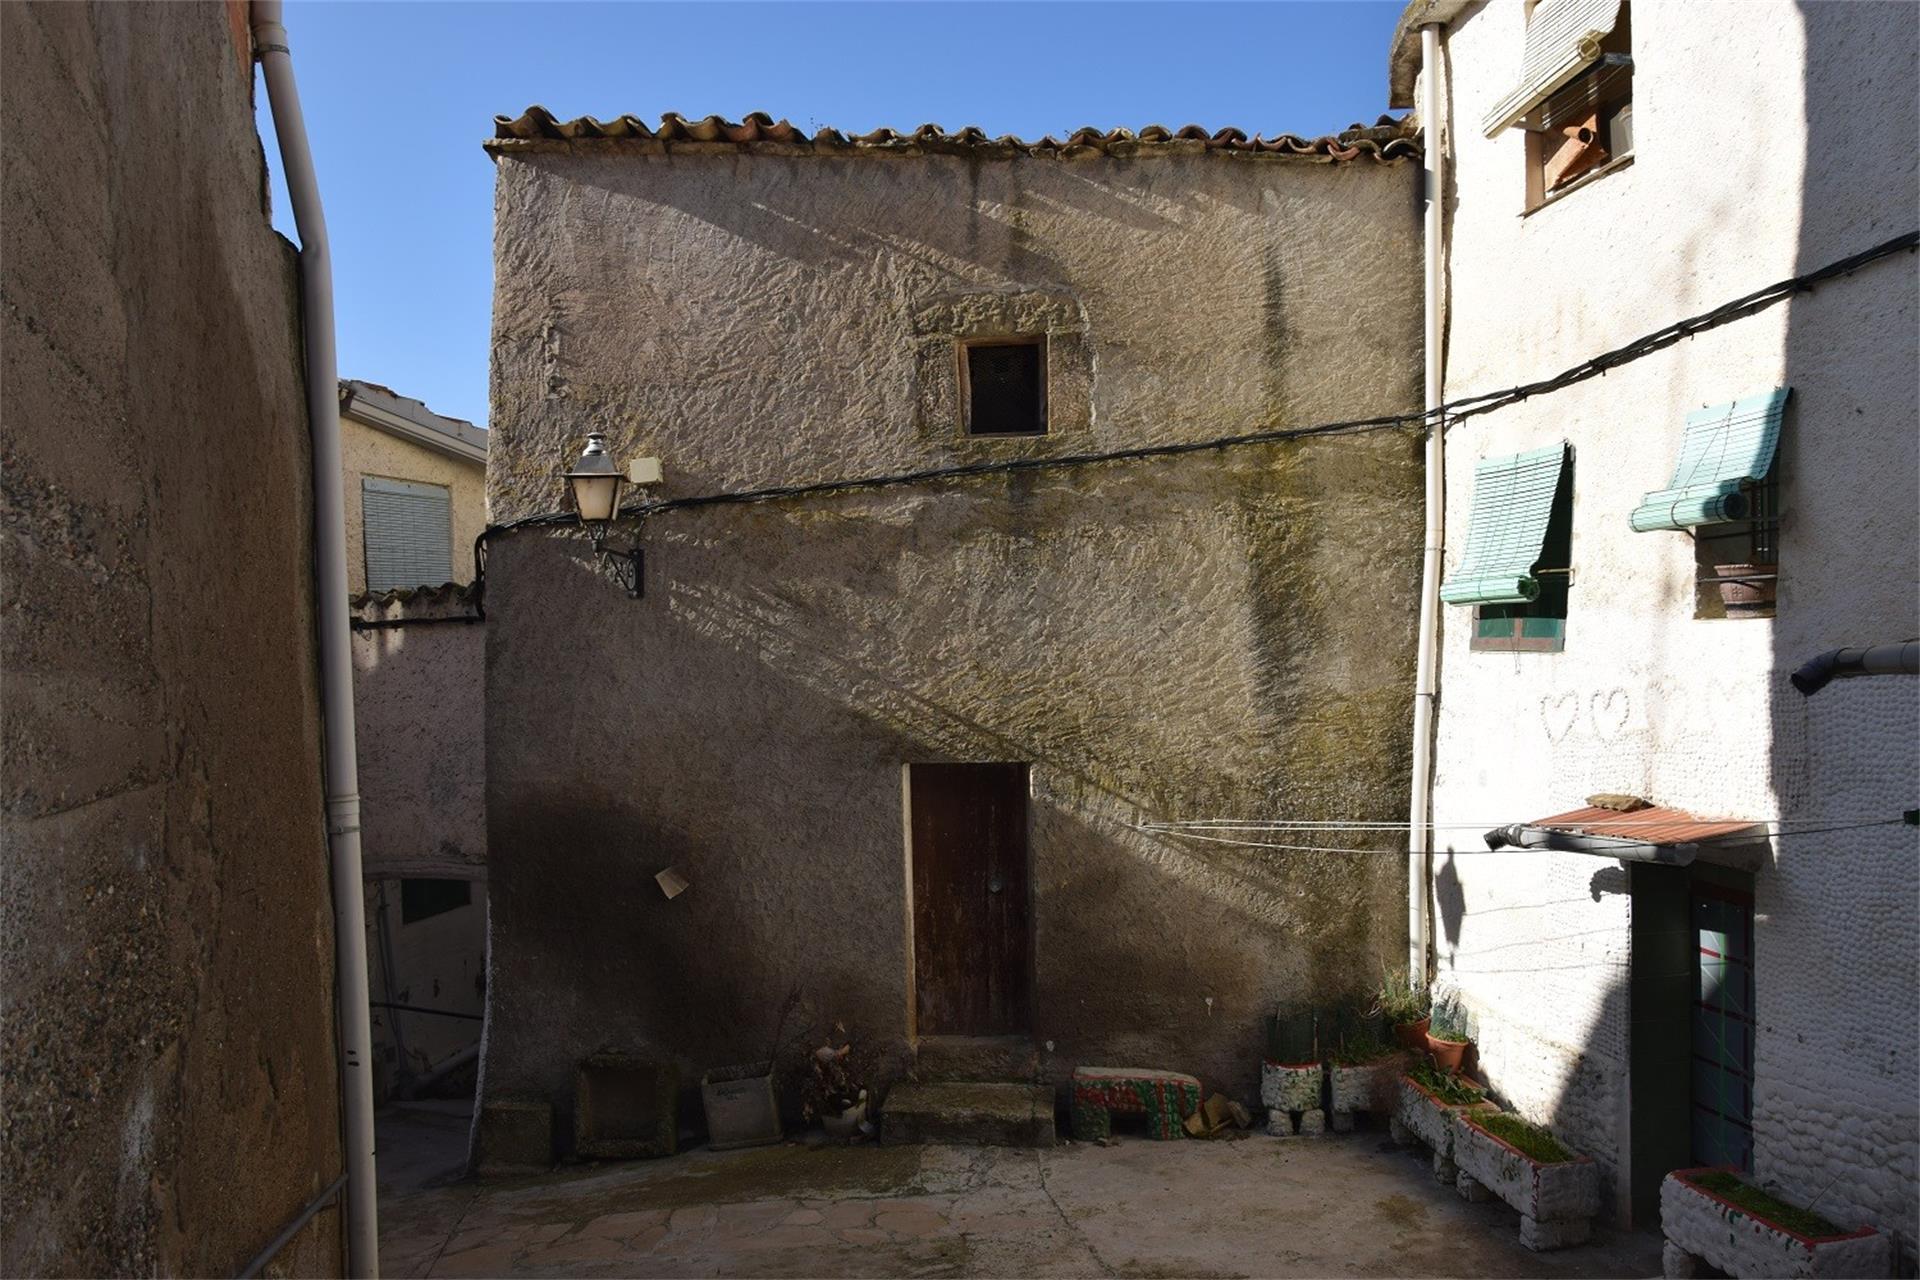 Casa adosada  Lv-5121. Artesa de segre / lv-5121